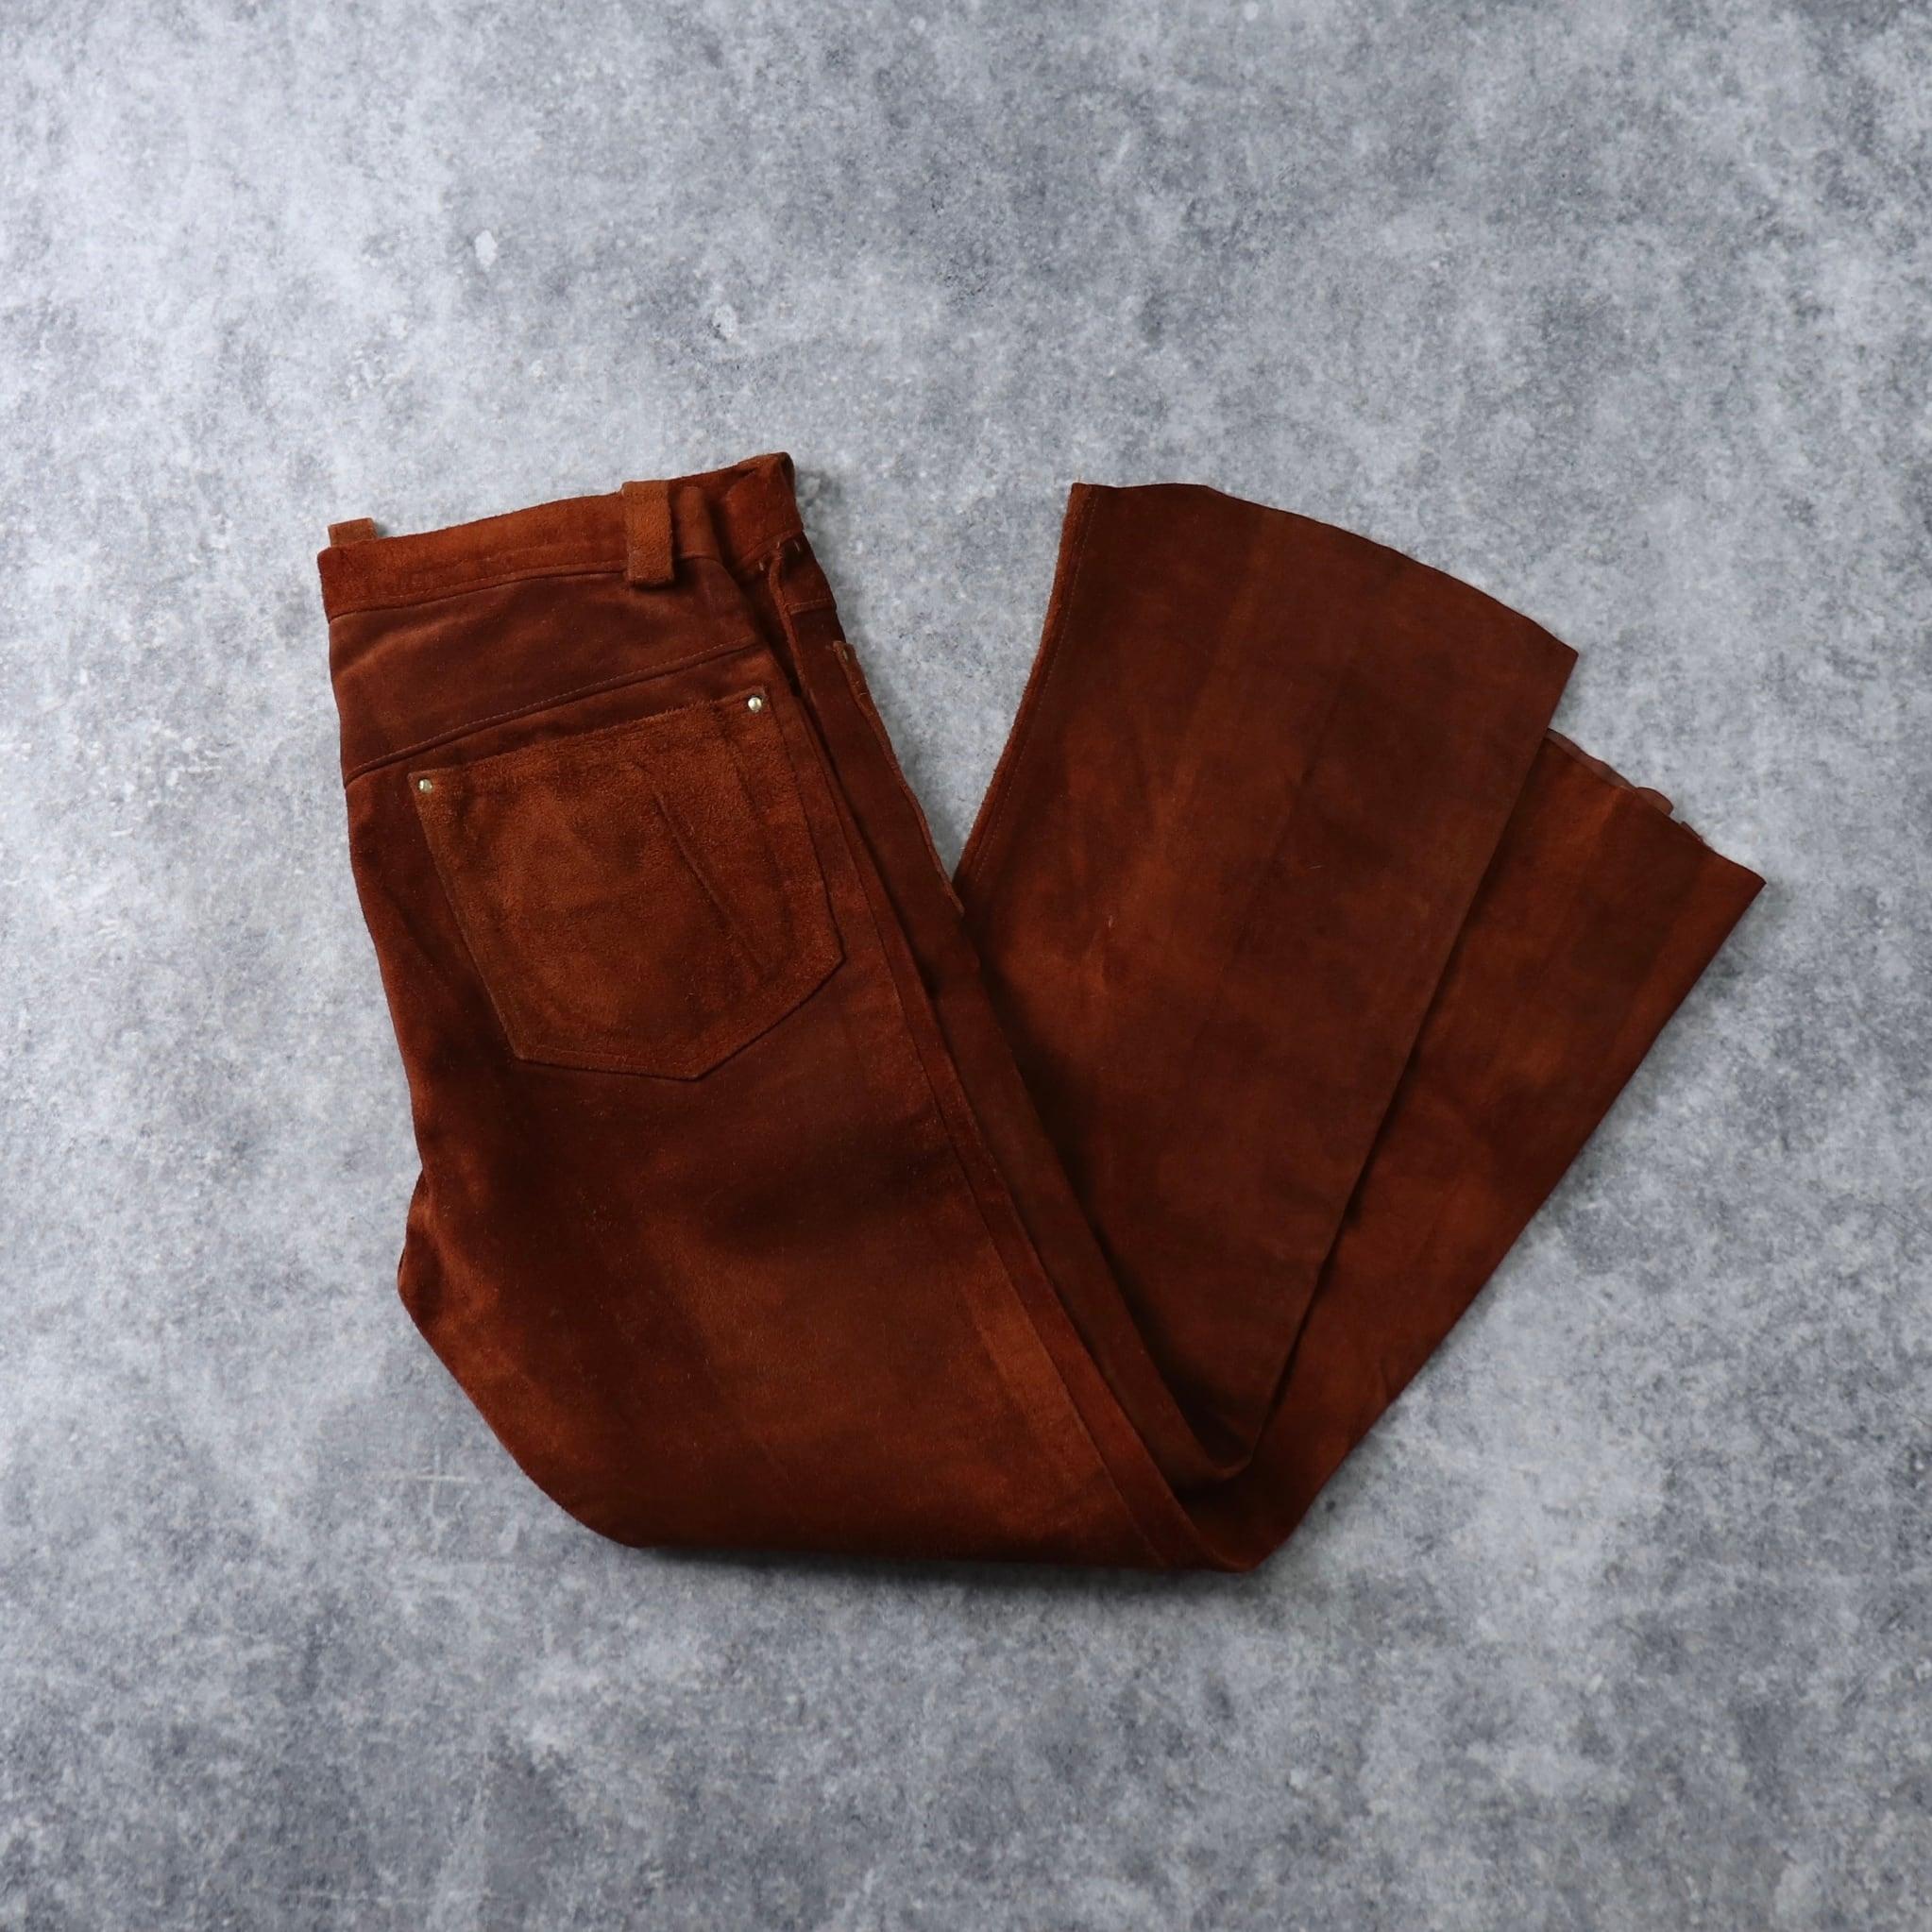 70's Vintage Leather Pants 70年代  ヴィンテージ  レザーパンツ  ハンドメイド ラフアウト 70年代 ヒッピー 古着 A659